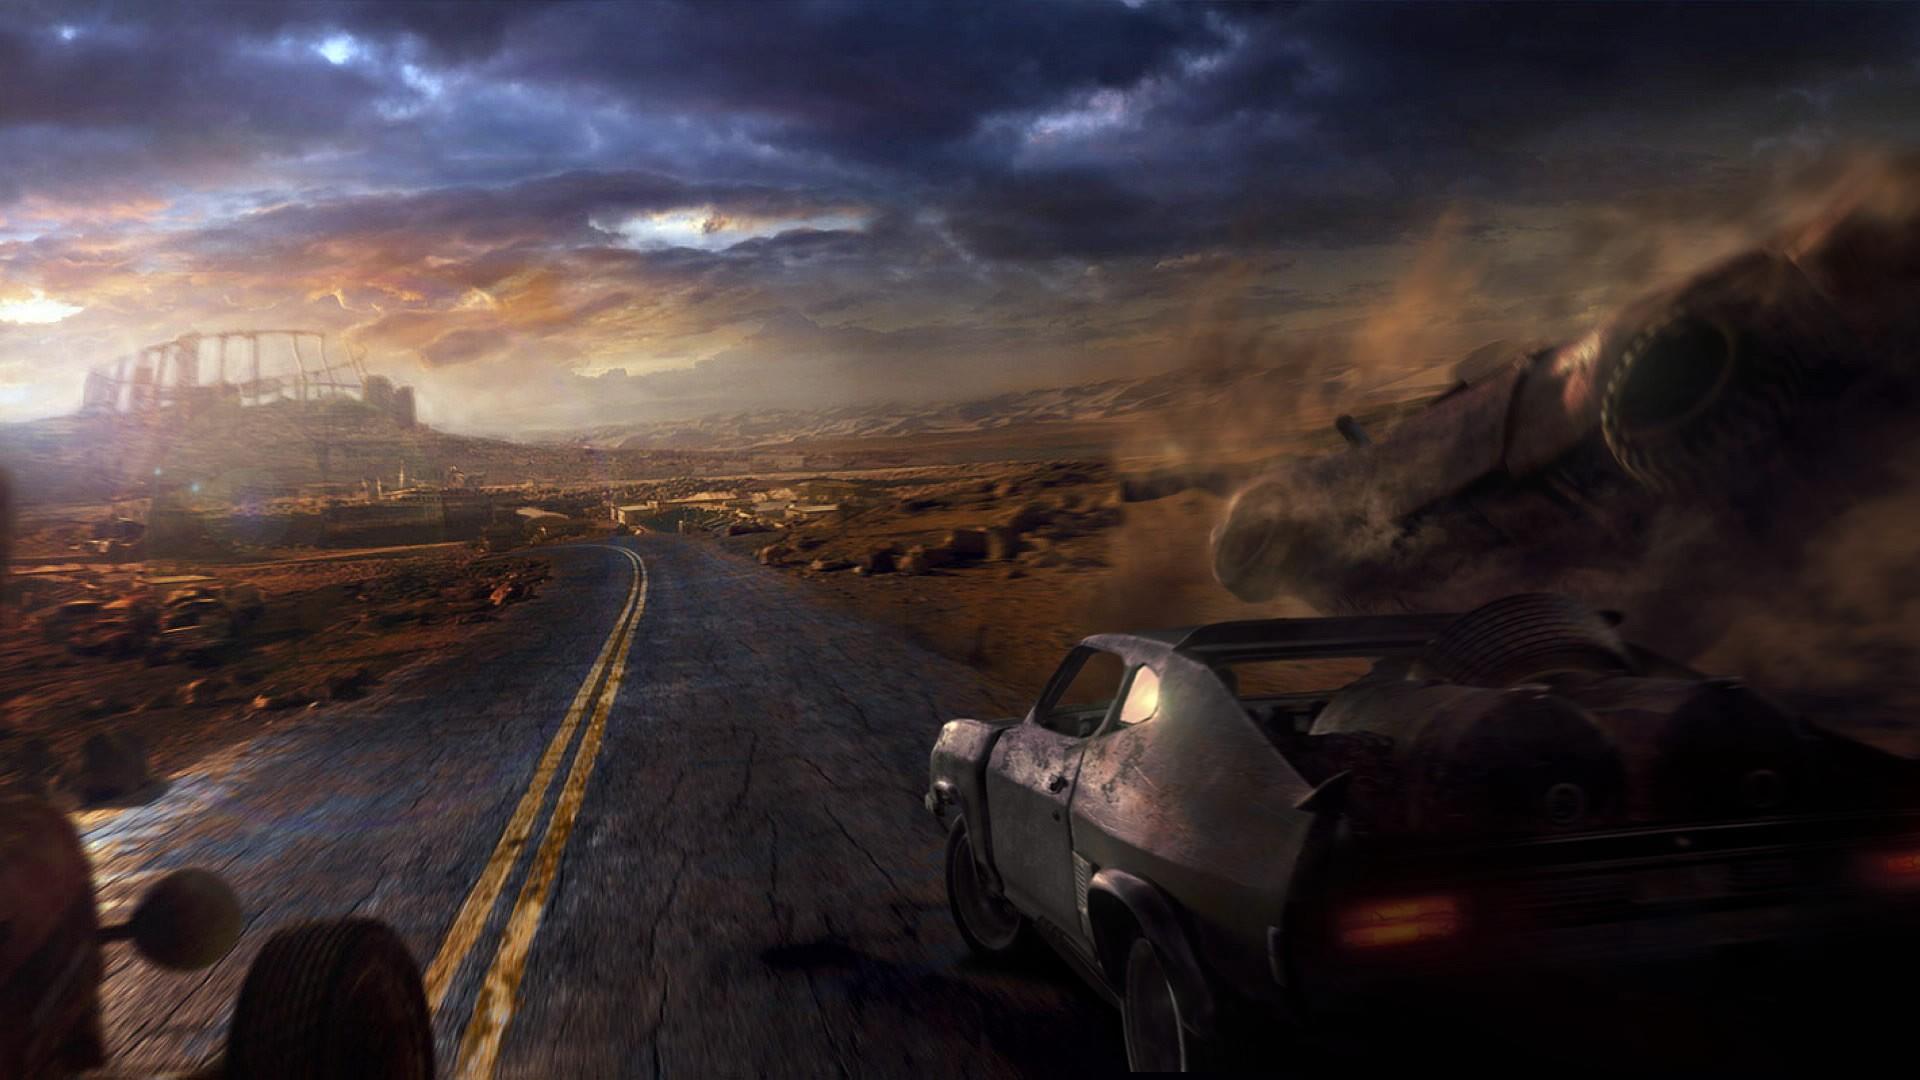 Mad Max Road wallpaper   1920x1080   120021   WallpaperUP